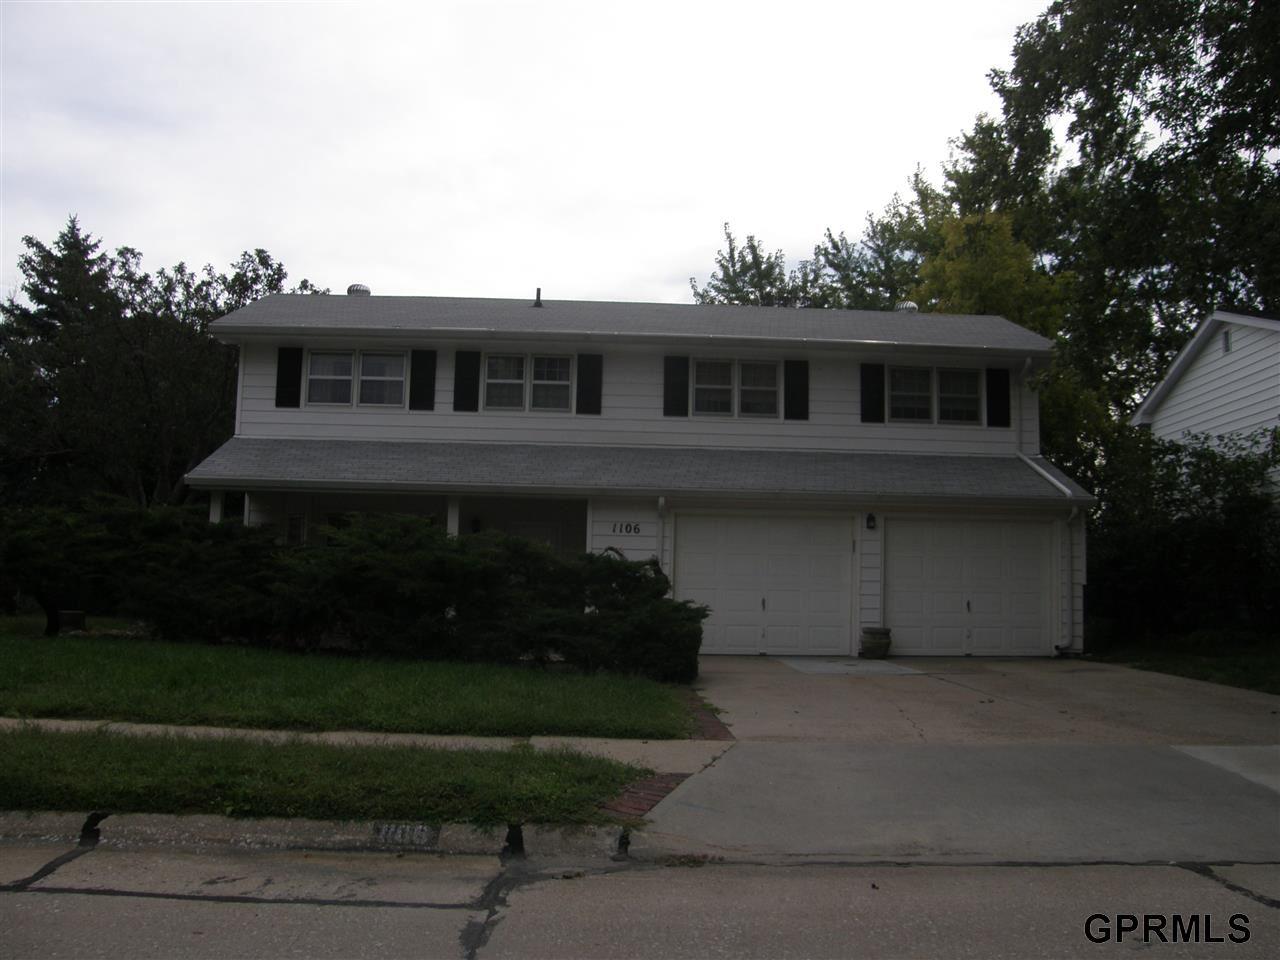 Rental Homes for Rent, ListingId:29678190, location: 1106 Potter St Bellevue 68005